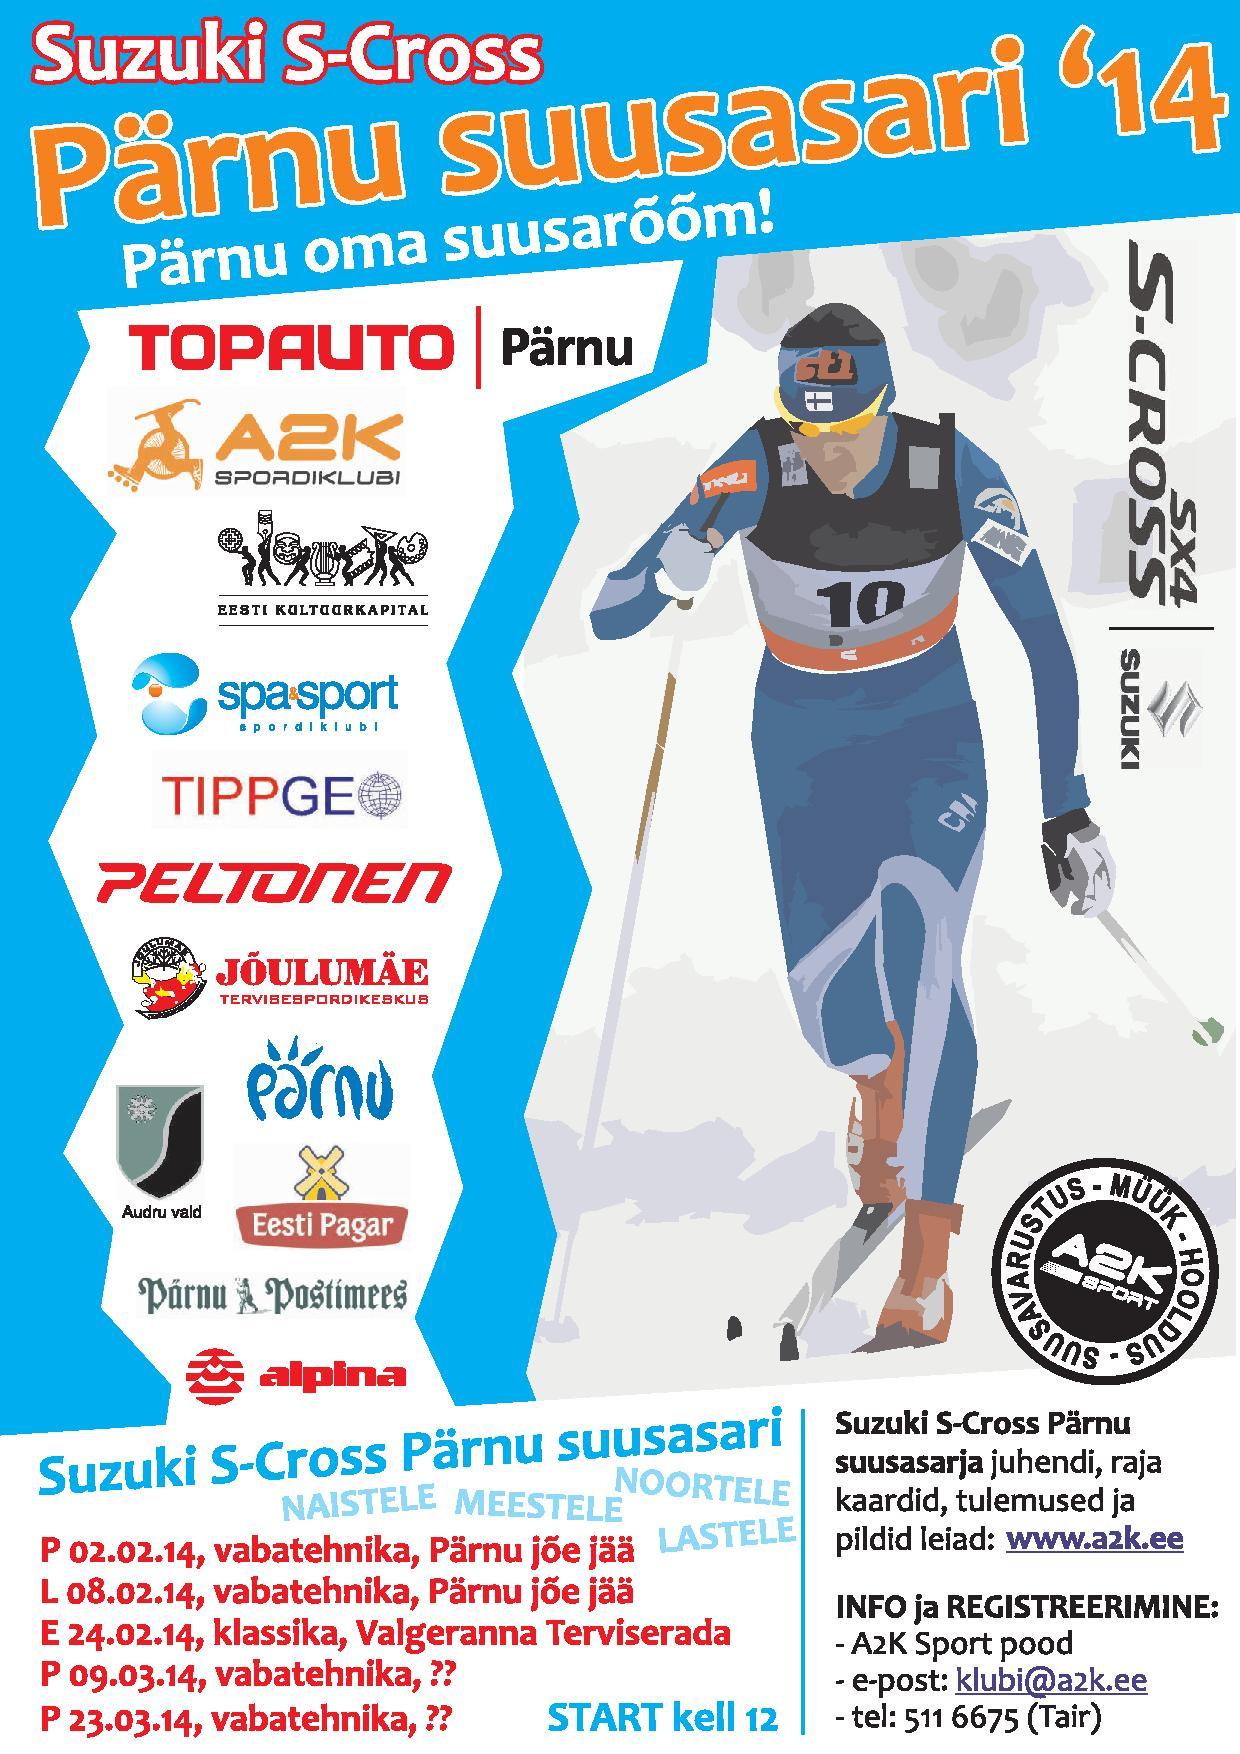 Plakat A4 (Pärnu Suusasari 14).pdf-page-001